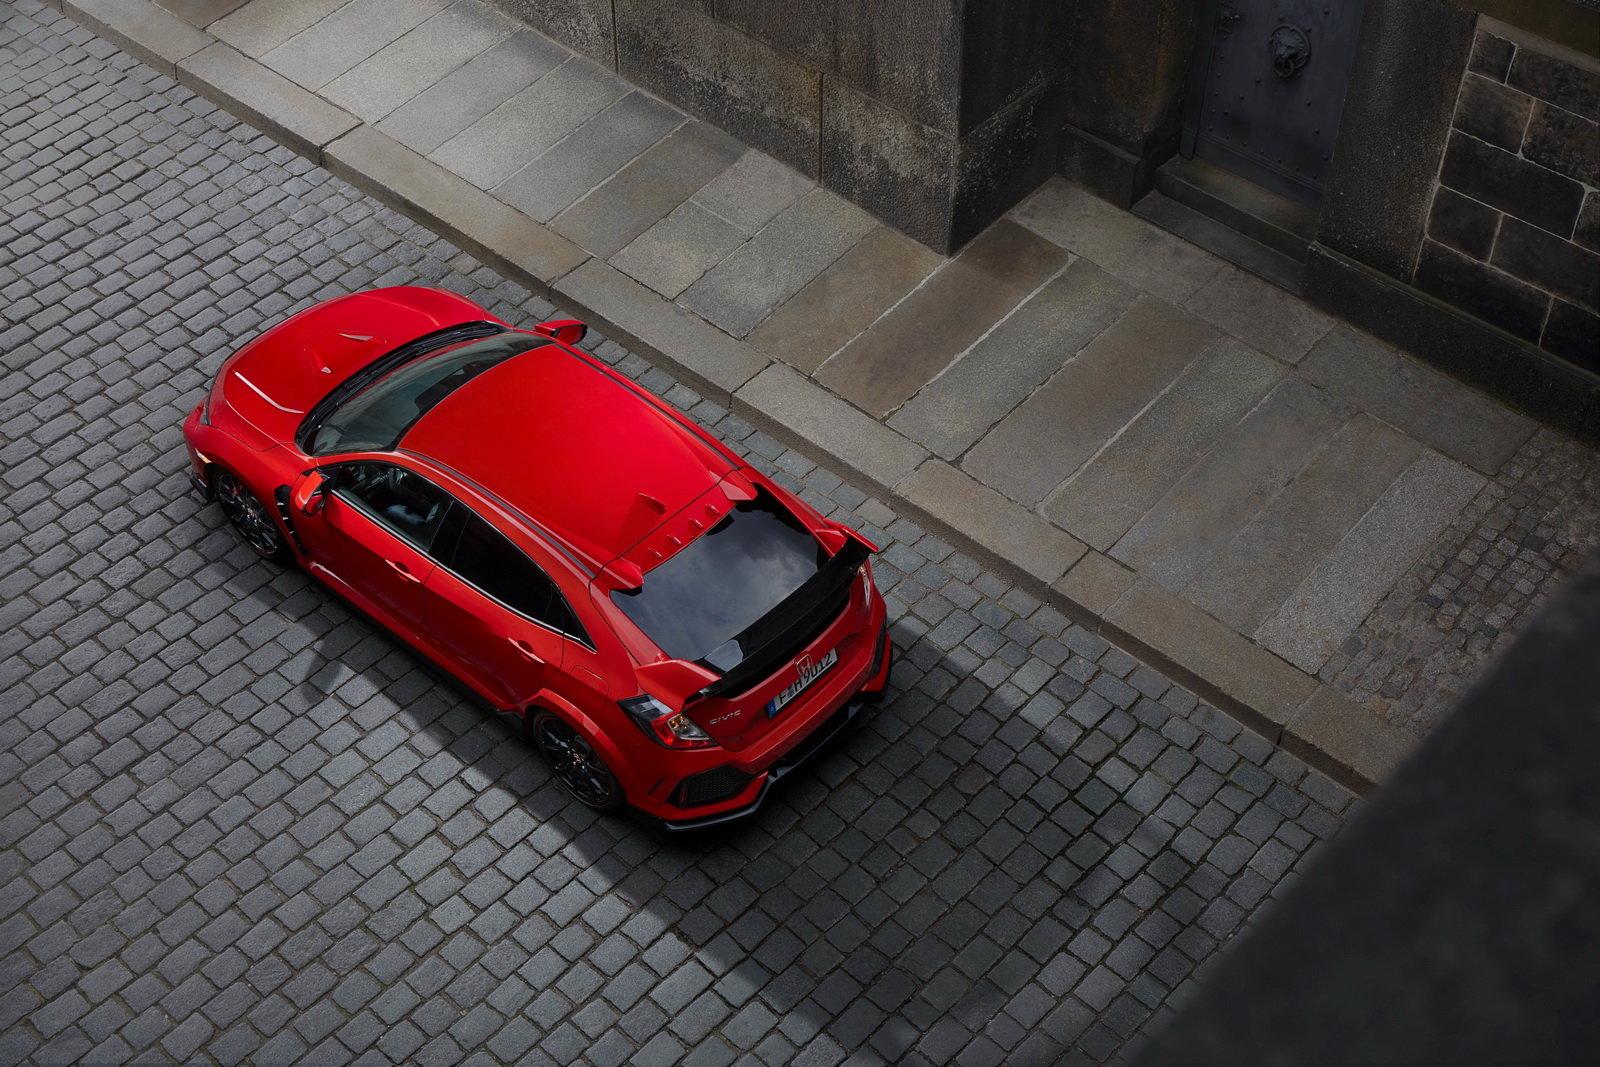 Fotografie č. 8 u článku Honda Civic Type R sbírá další vavříny 822c338d5c